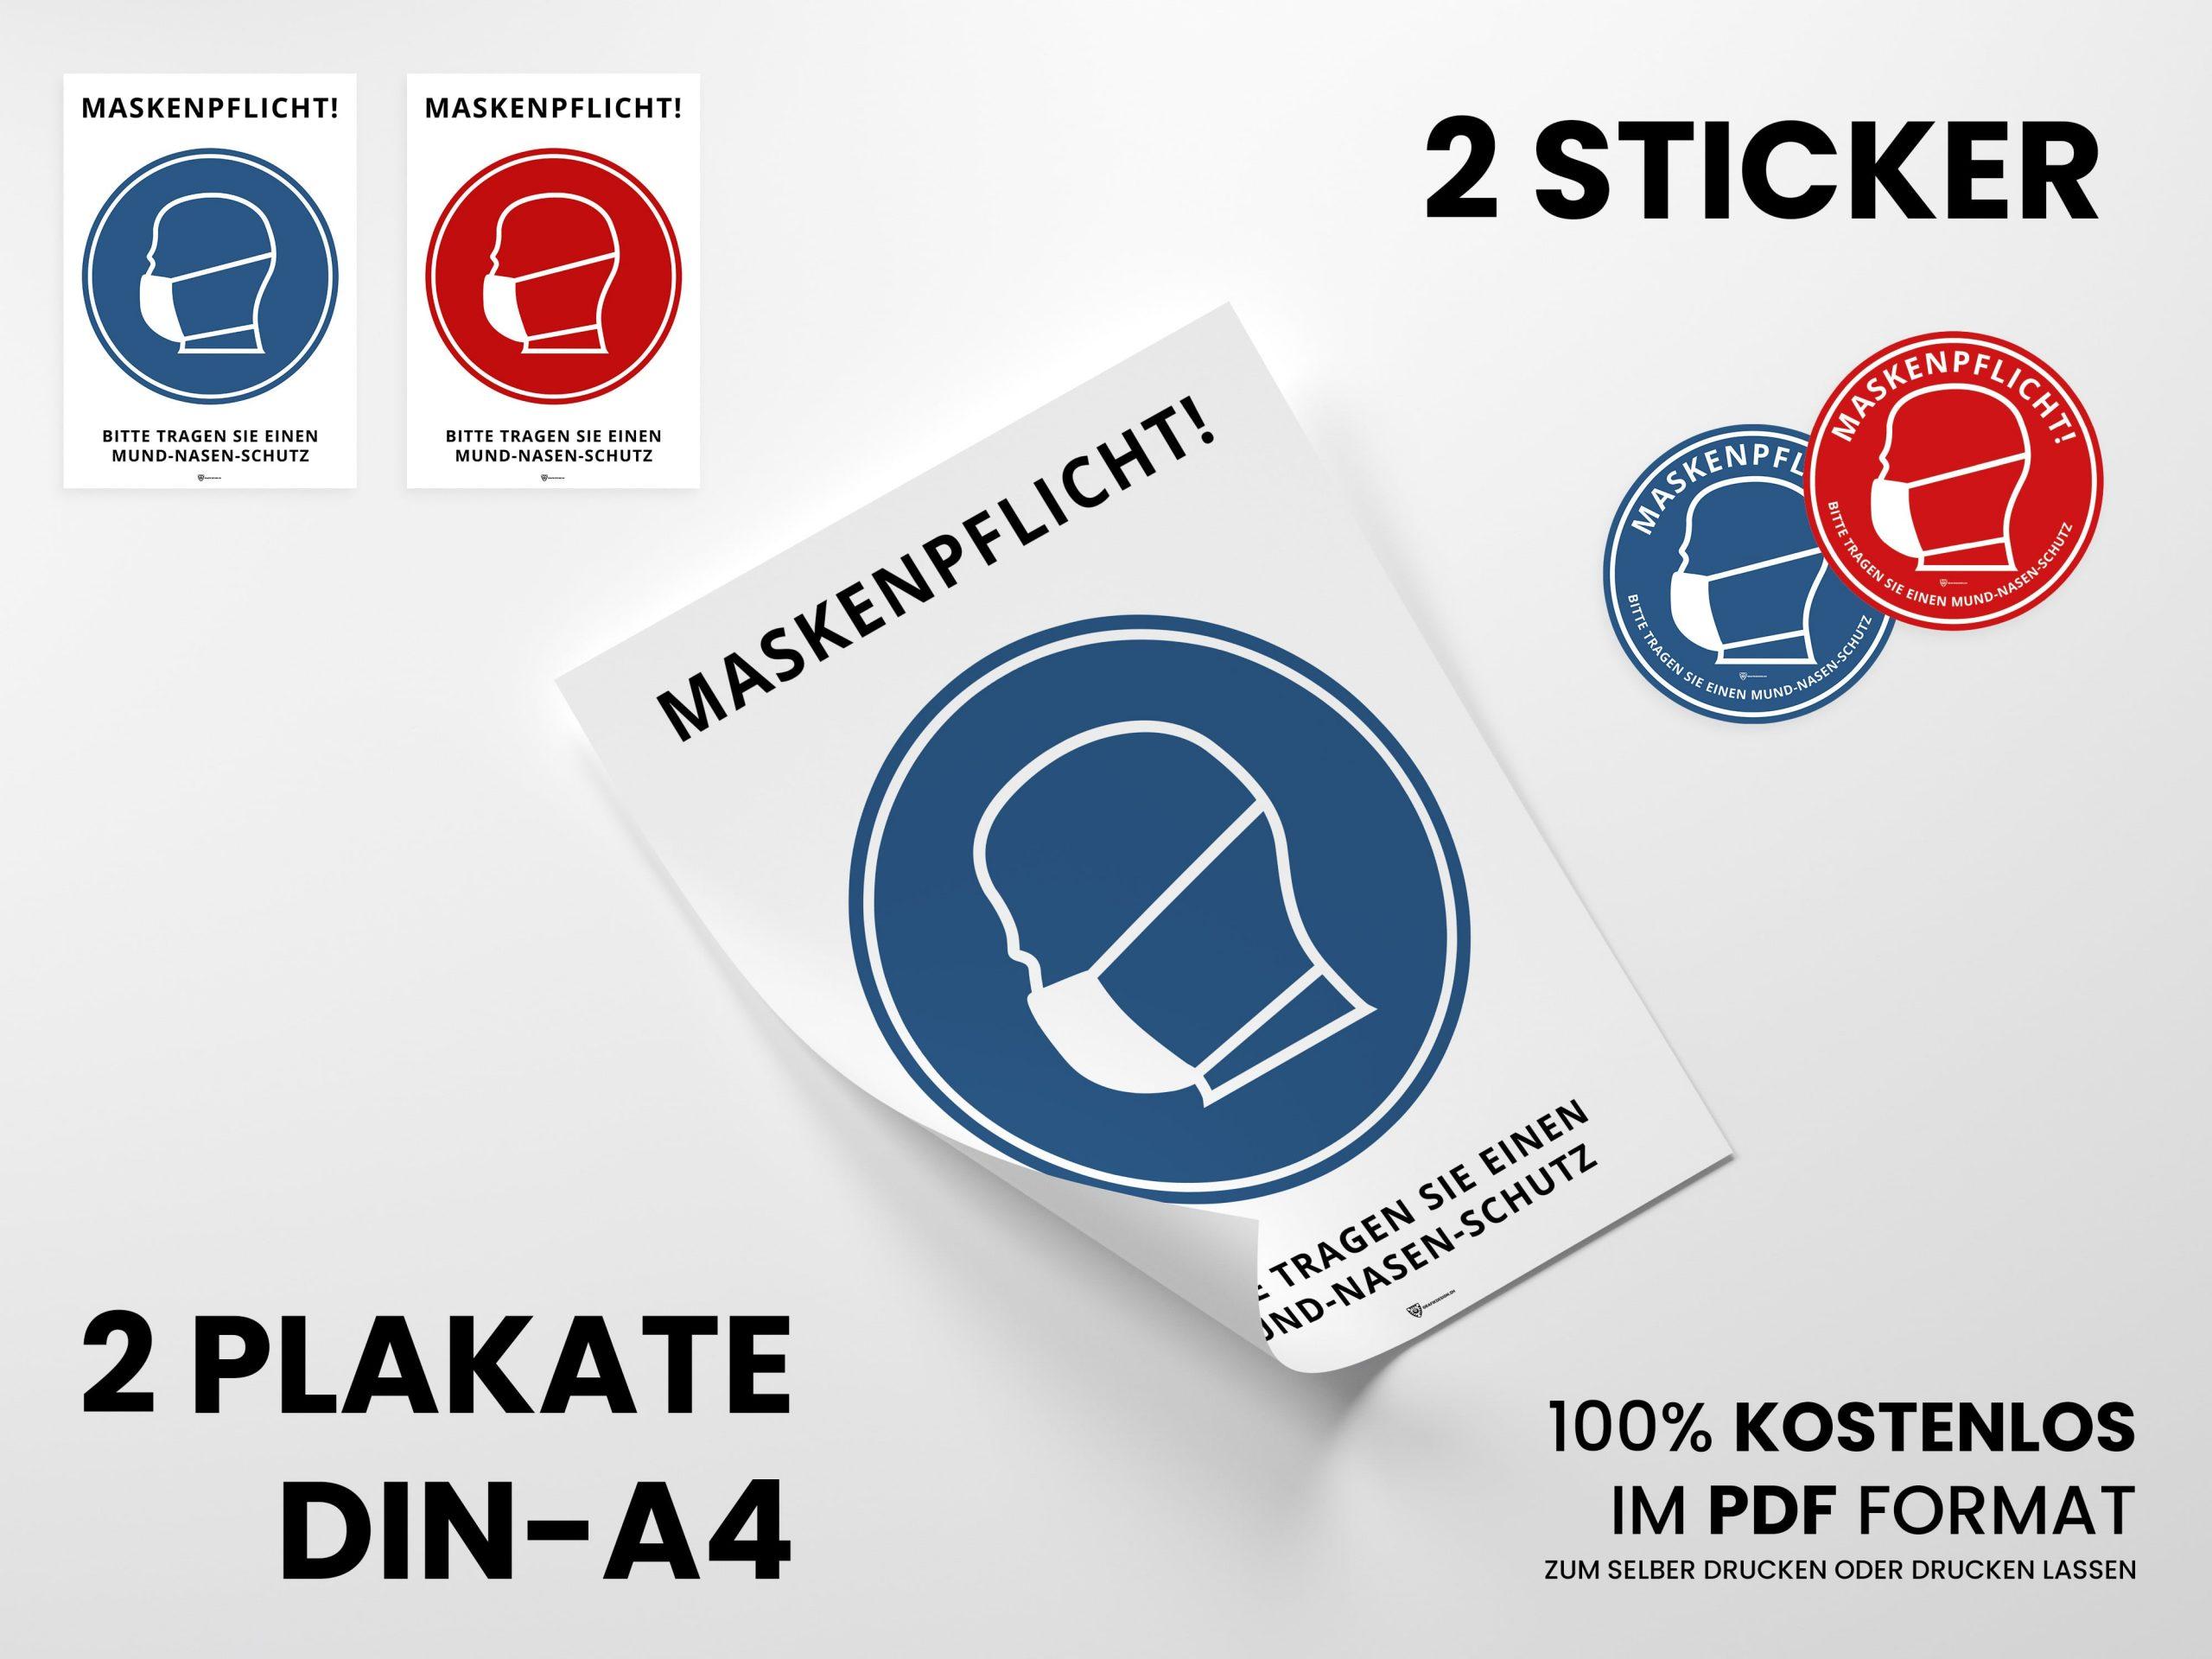 Maskenpflicht Hinweise als Plakat und Sticker